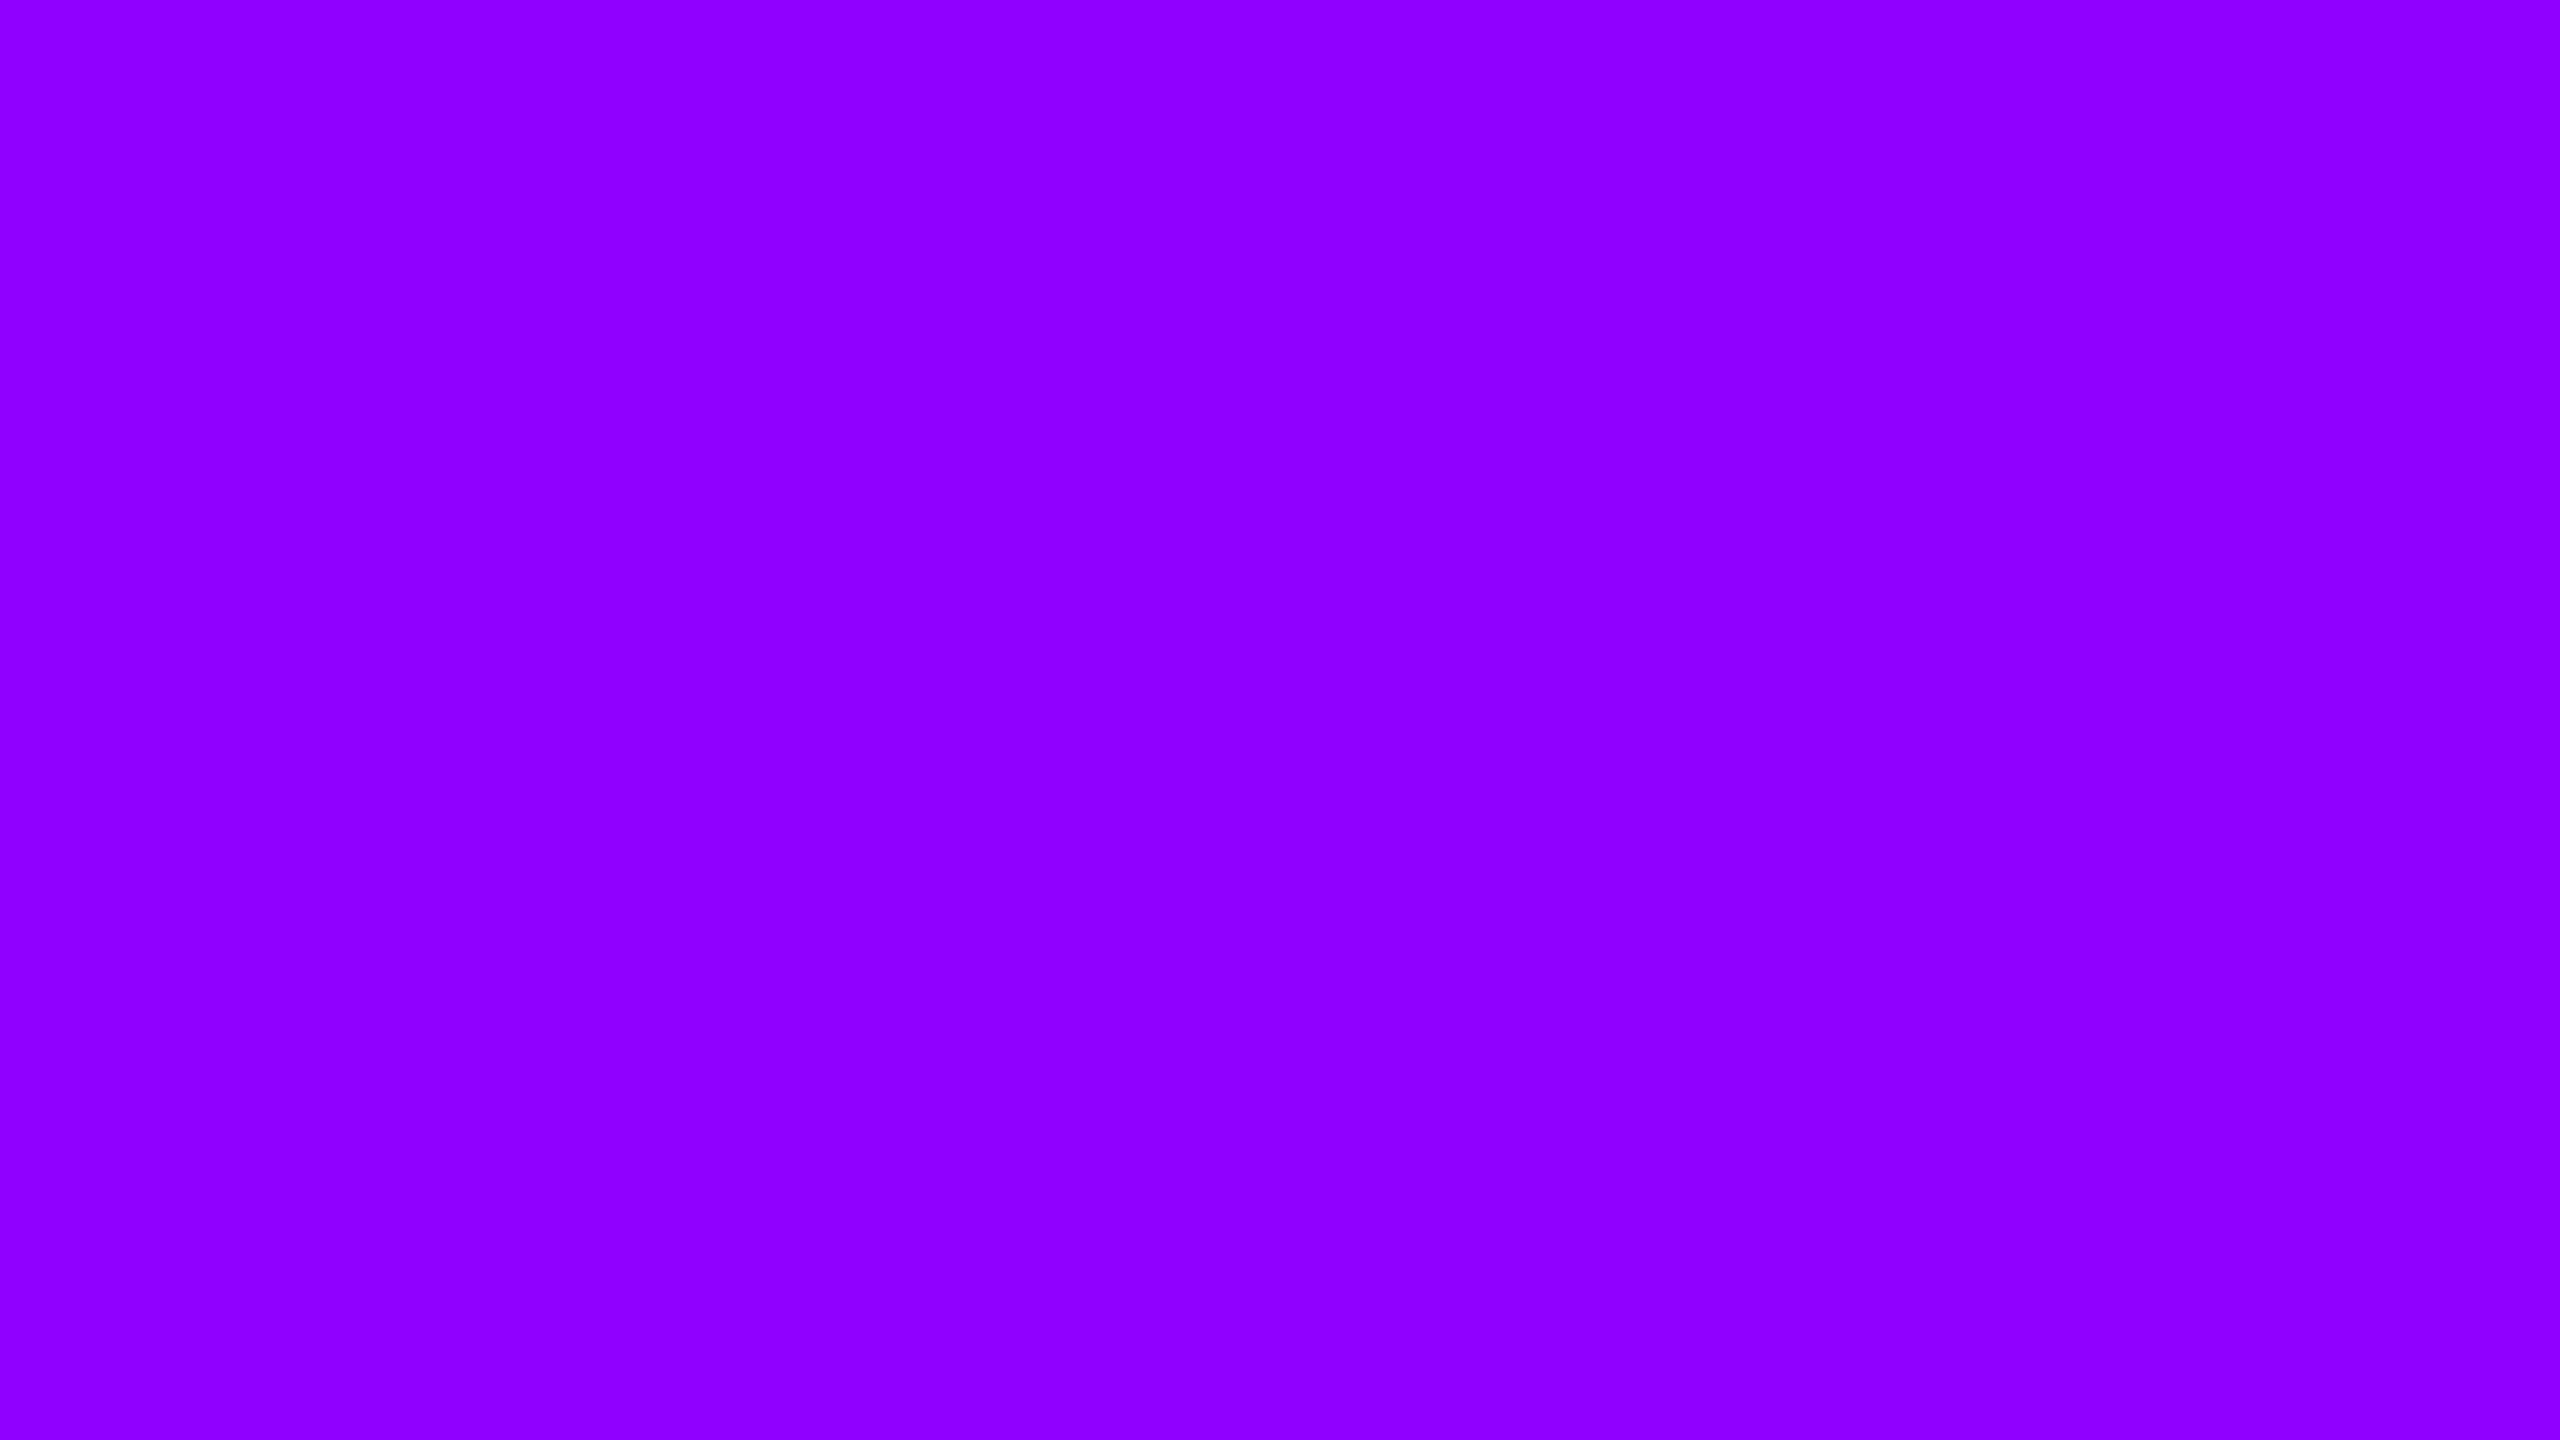 2560x1440 Violet Solid Color Background